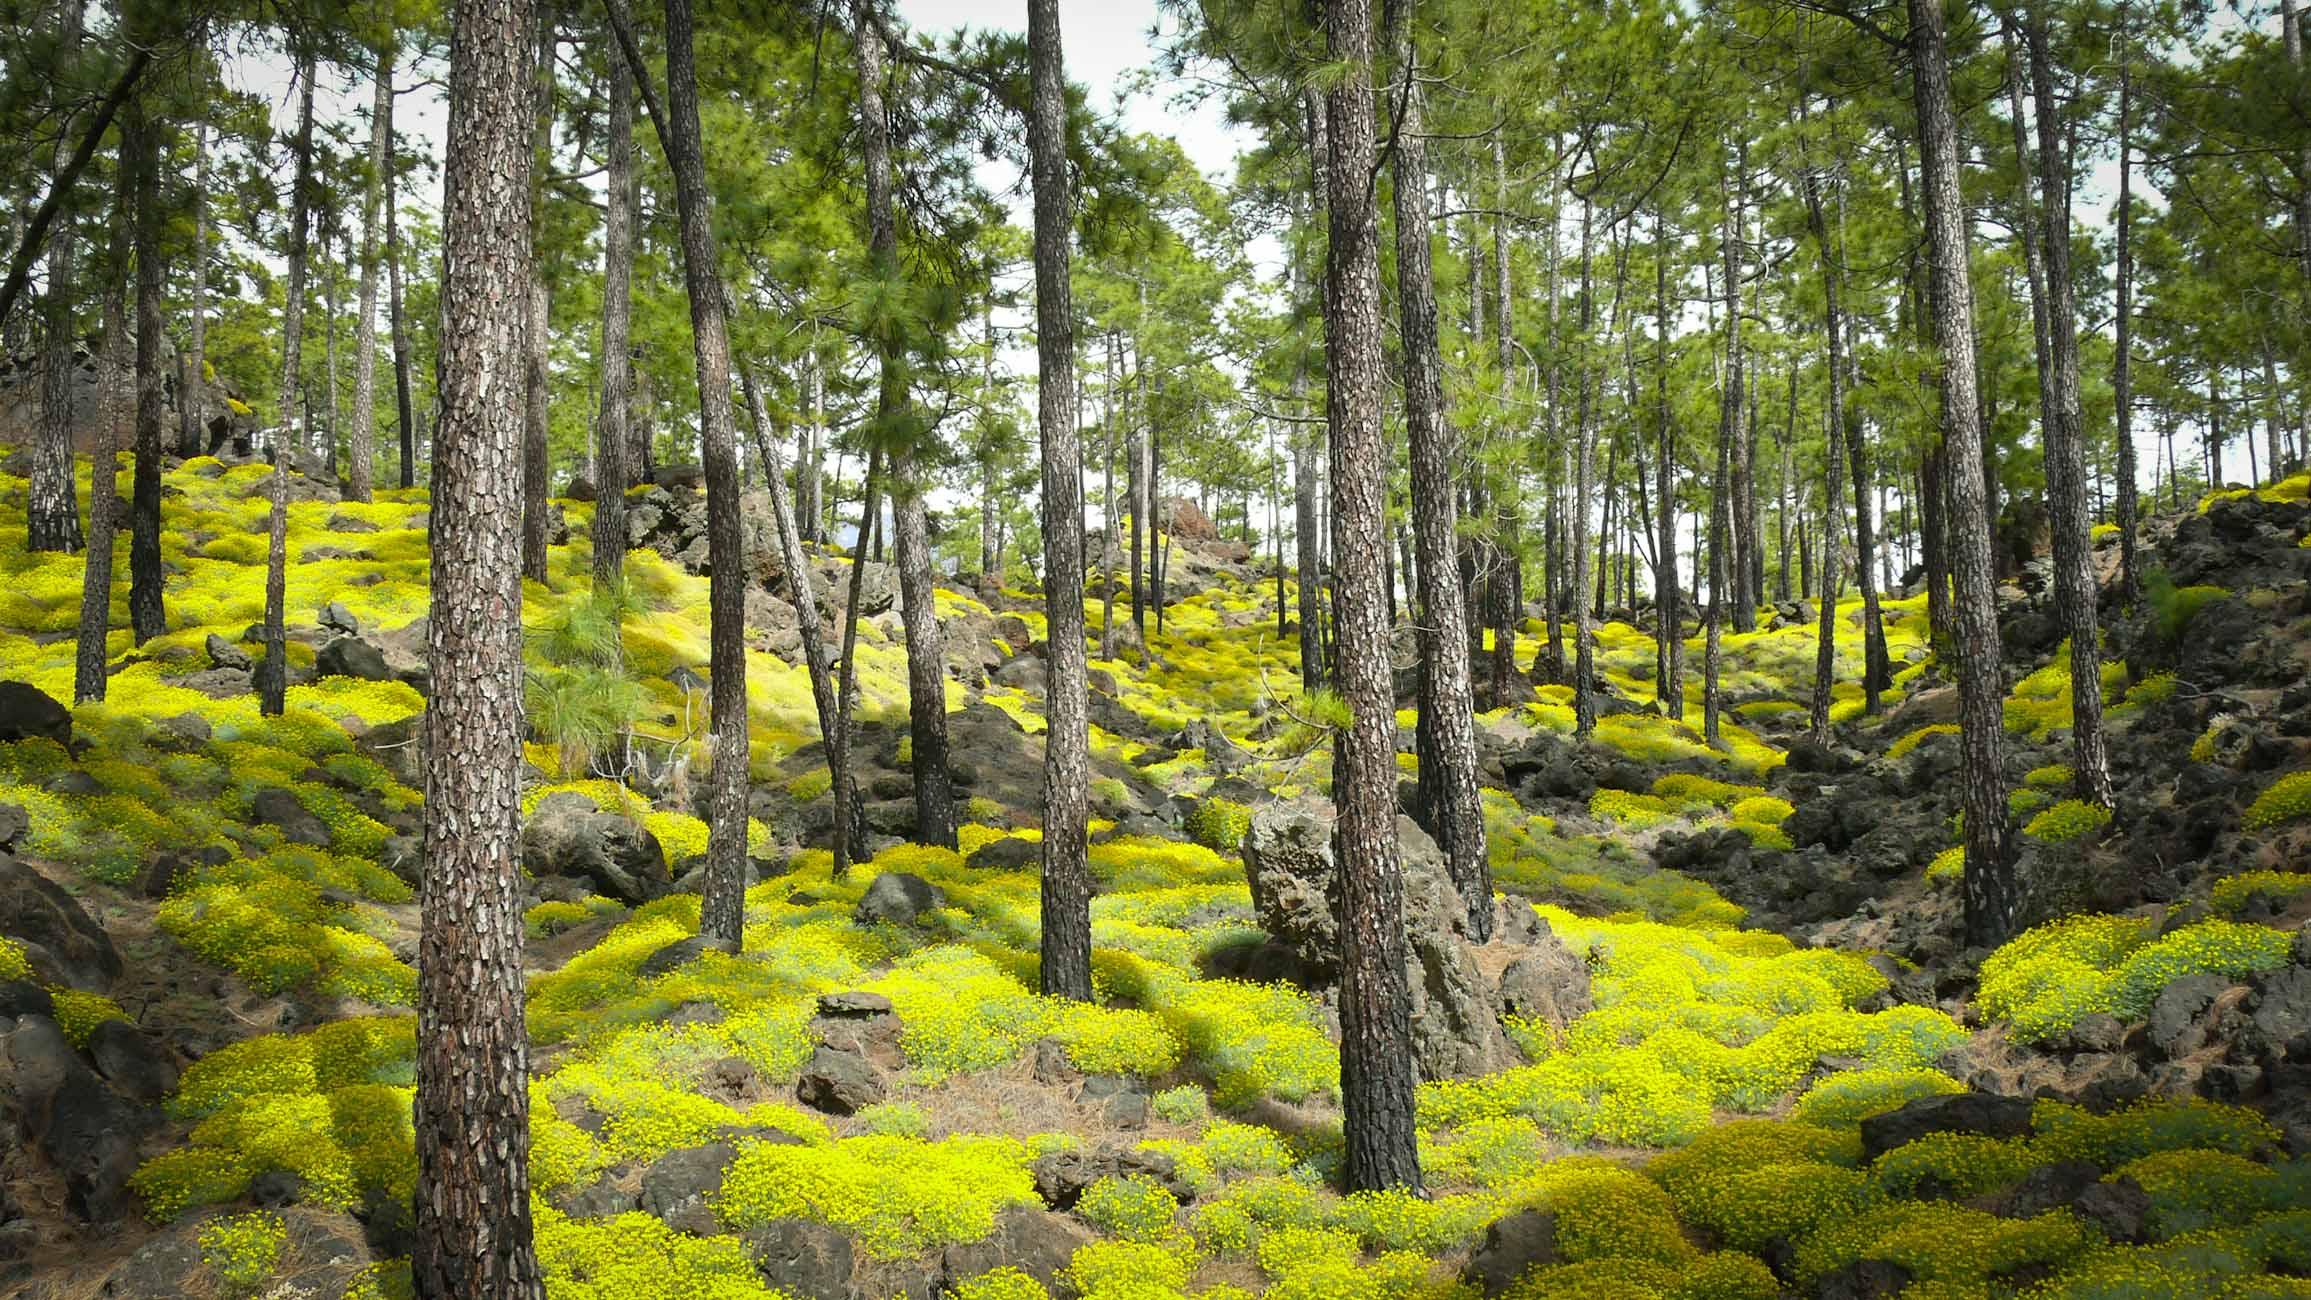 Цветы - национальный парк Тейде, Тенерифе, Канаские острова